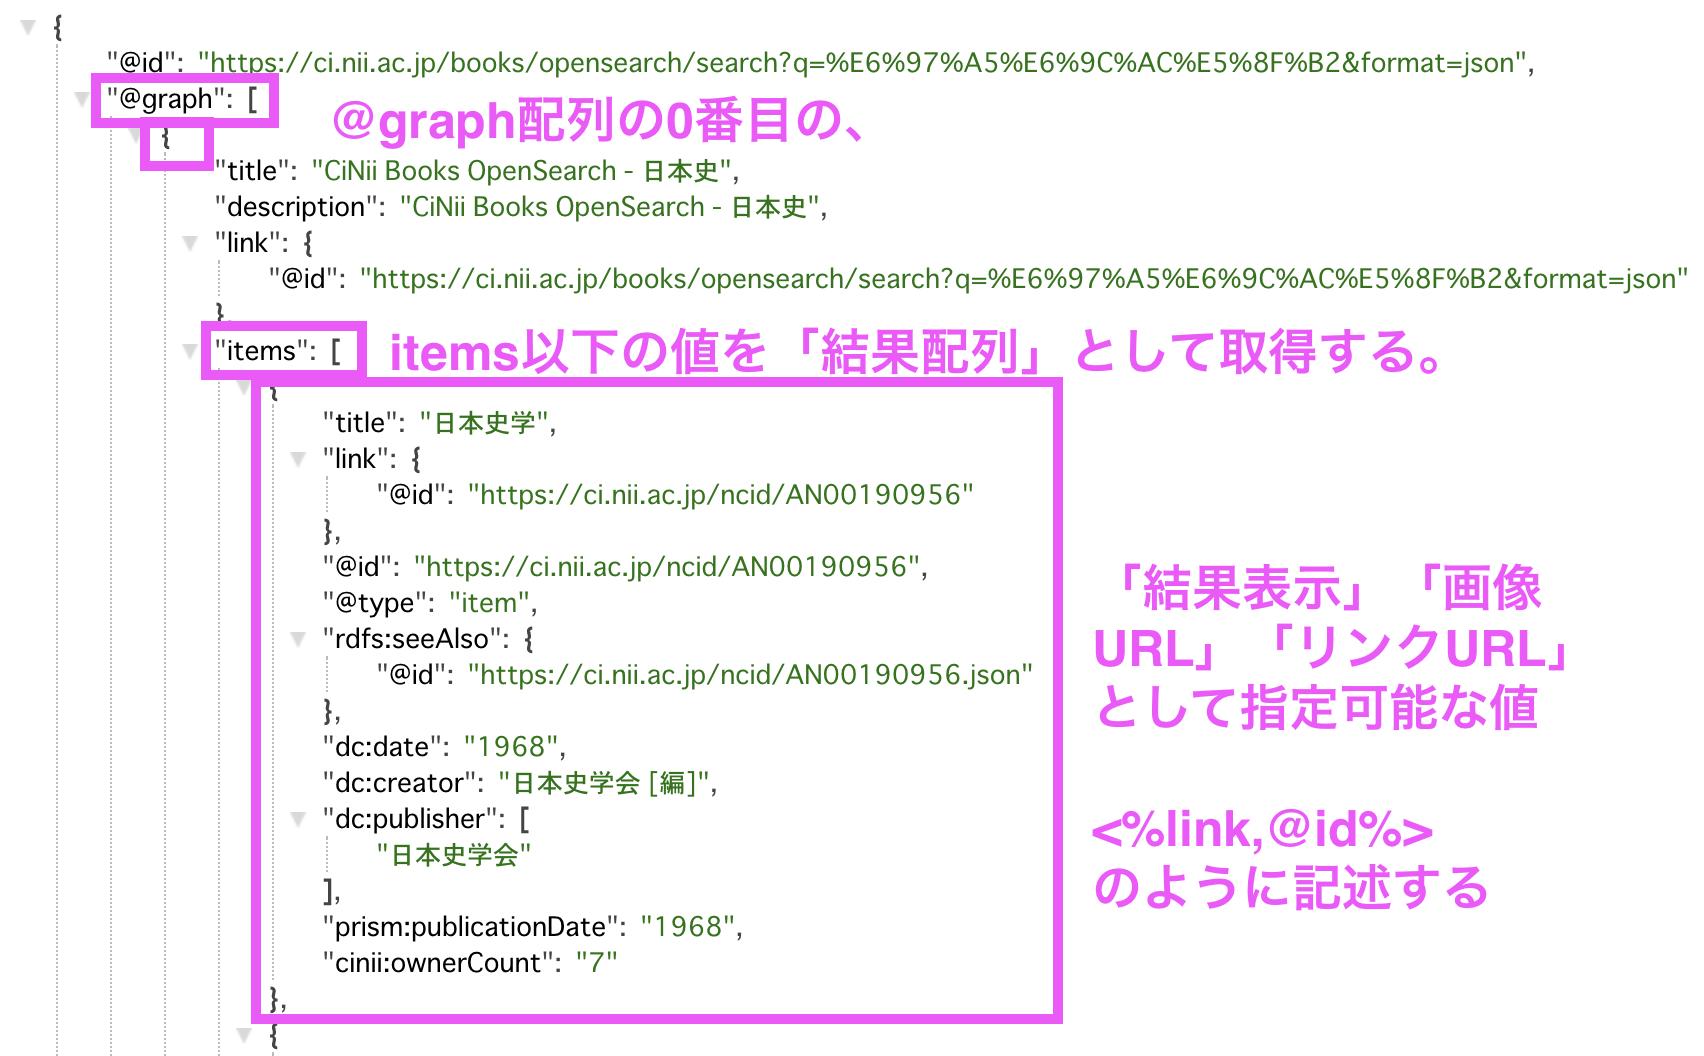 スクリーンショット 2020-10-05 10.32.01